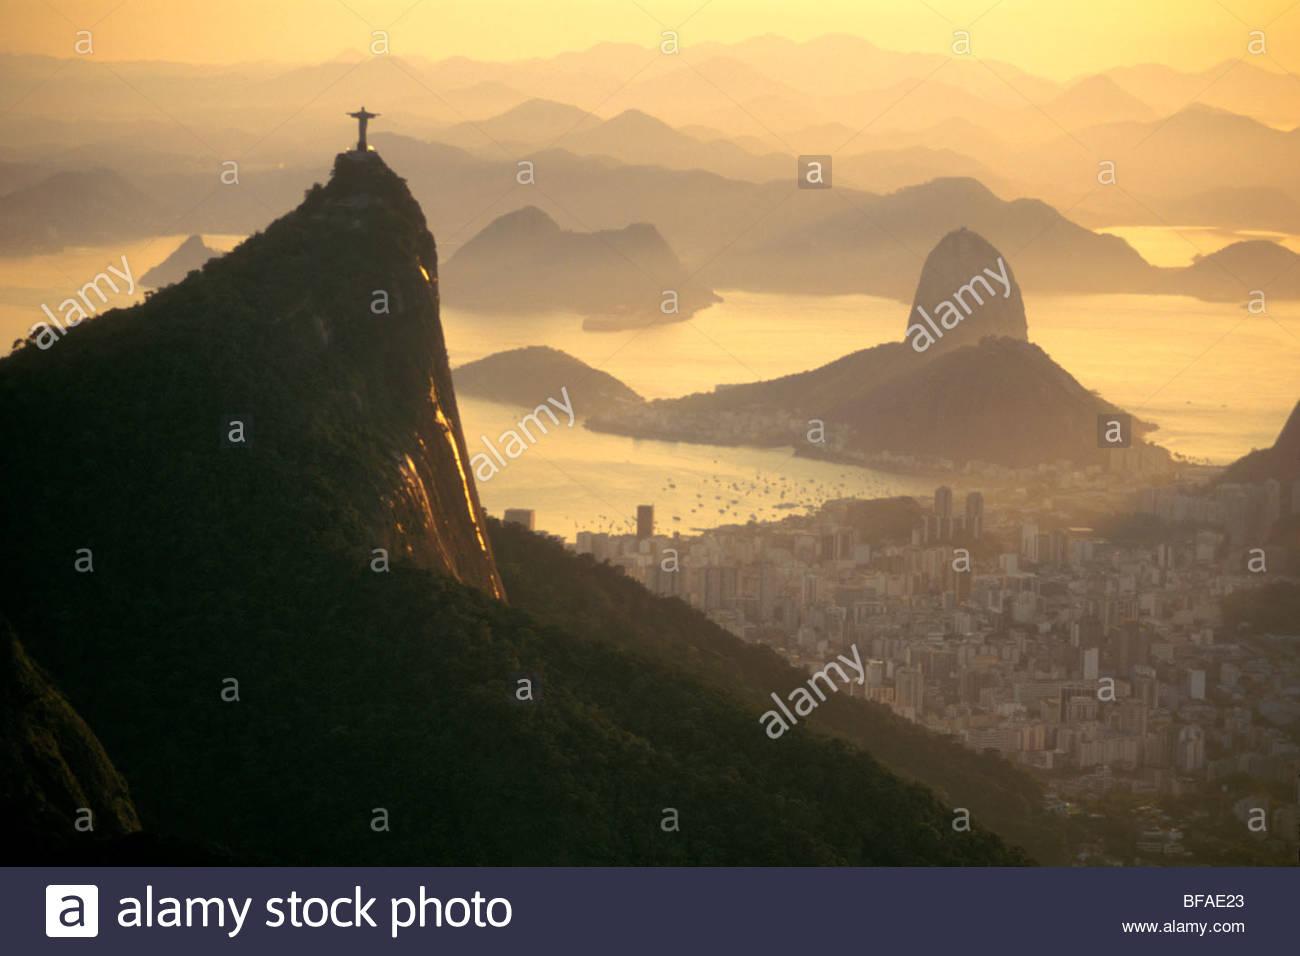 Statua di Gesù con vista su Rio de Janeiro (antenna), Brasile Immagini Stock